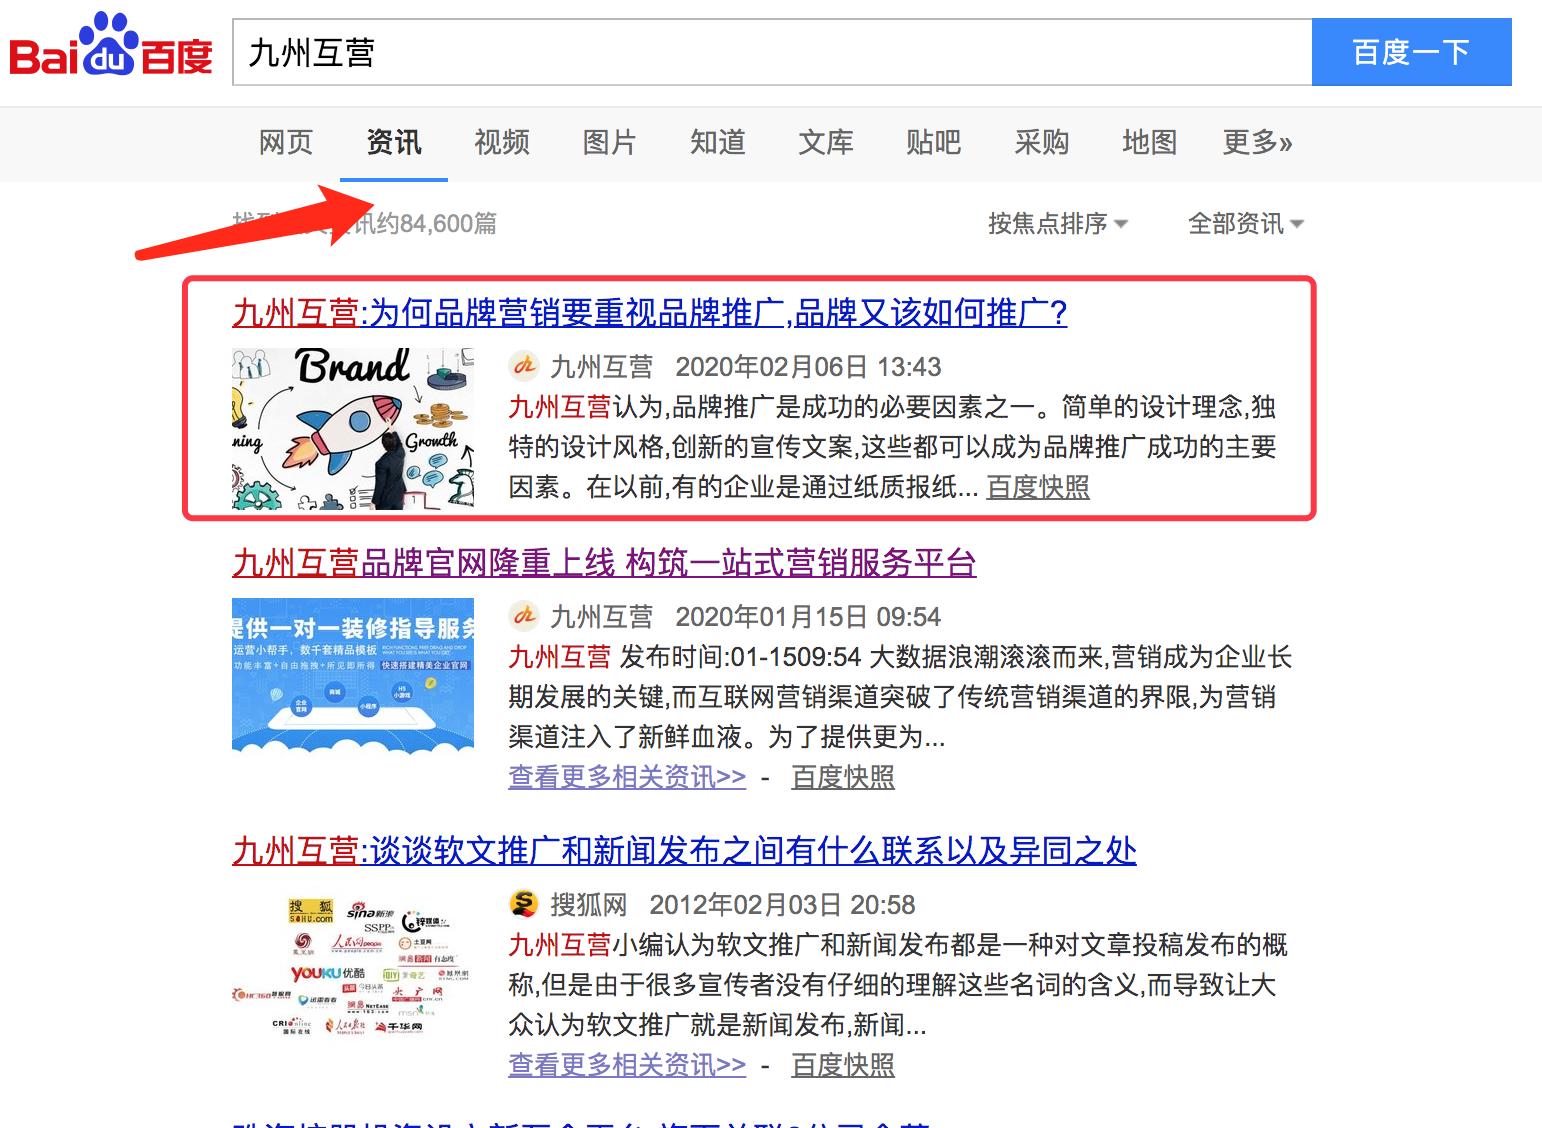 新闻营销:什么叫百度新闻源,如何区分百度新闻源网站媒体